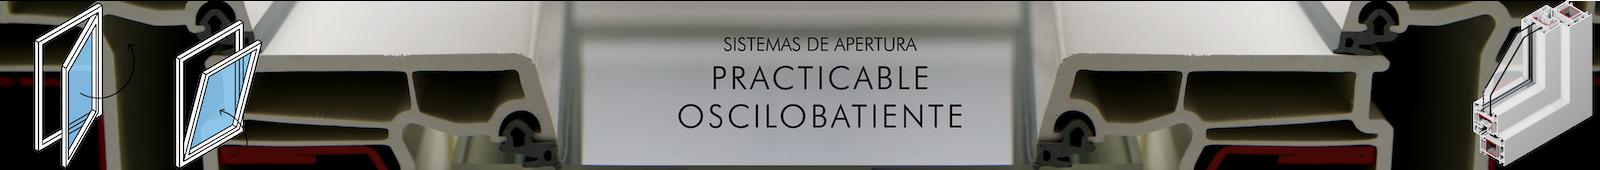 Ventanaas y cerramientos Practicables Oscilobatientes